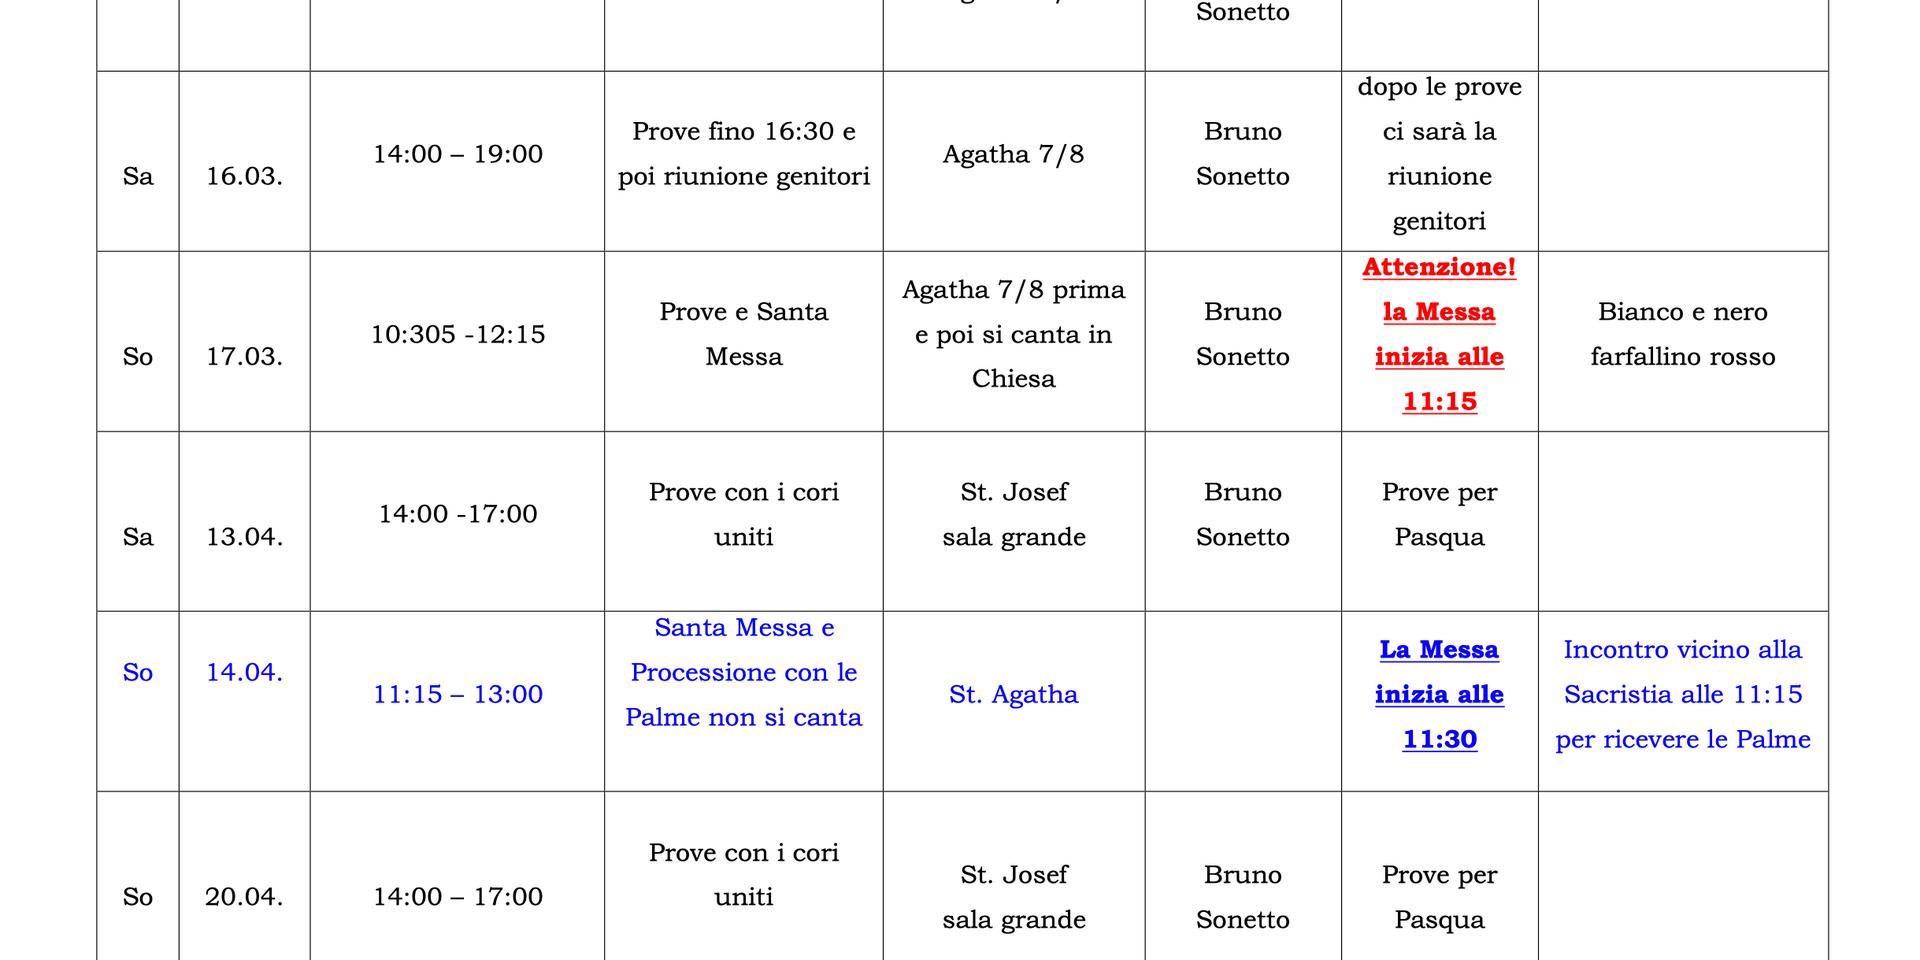 CVB_Programma_02.png